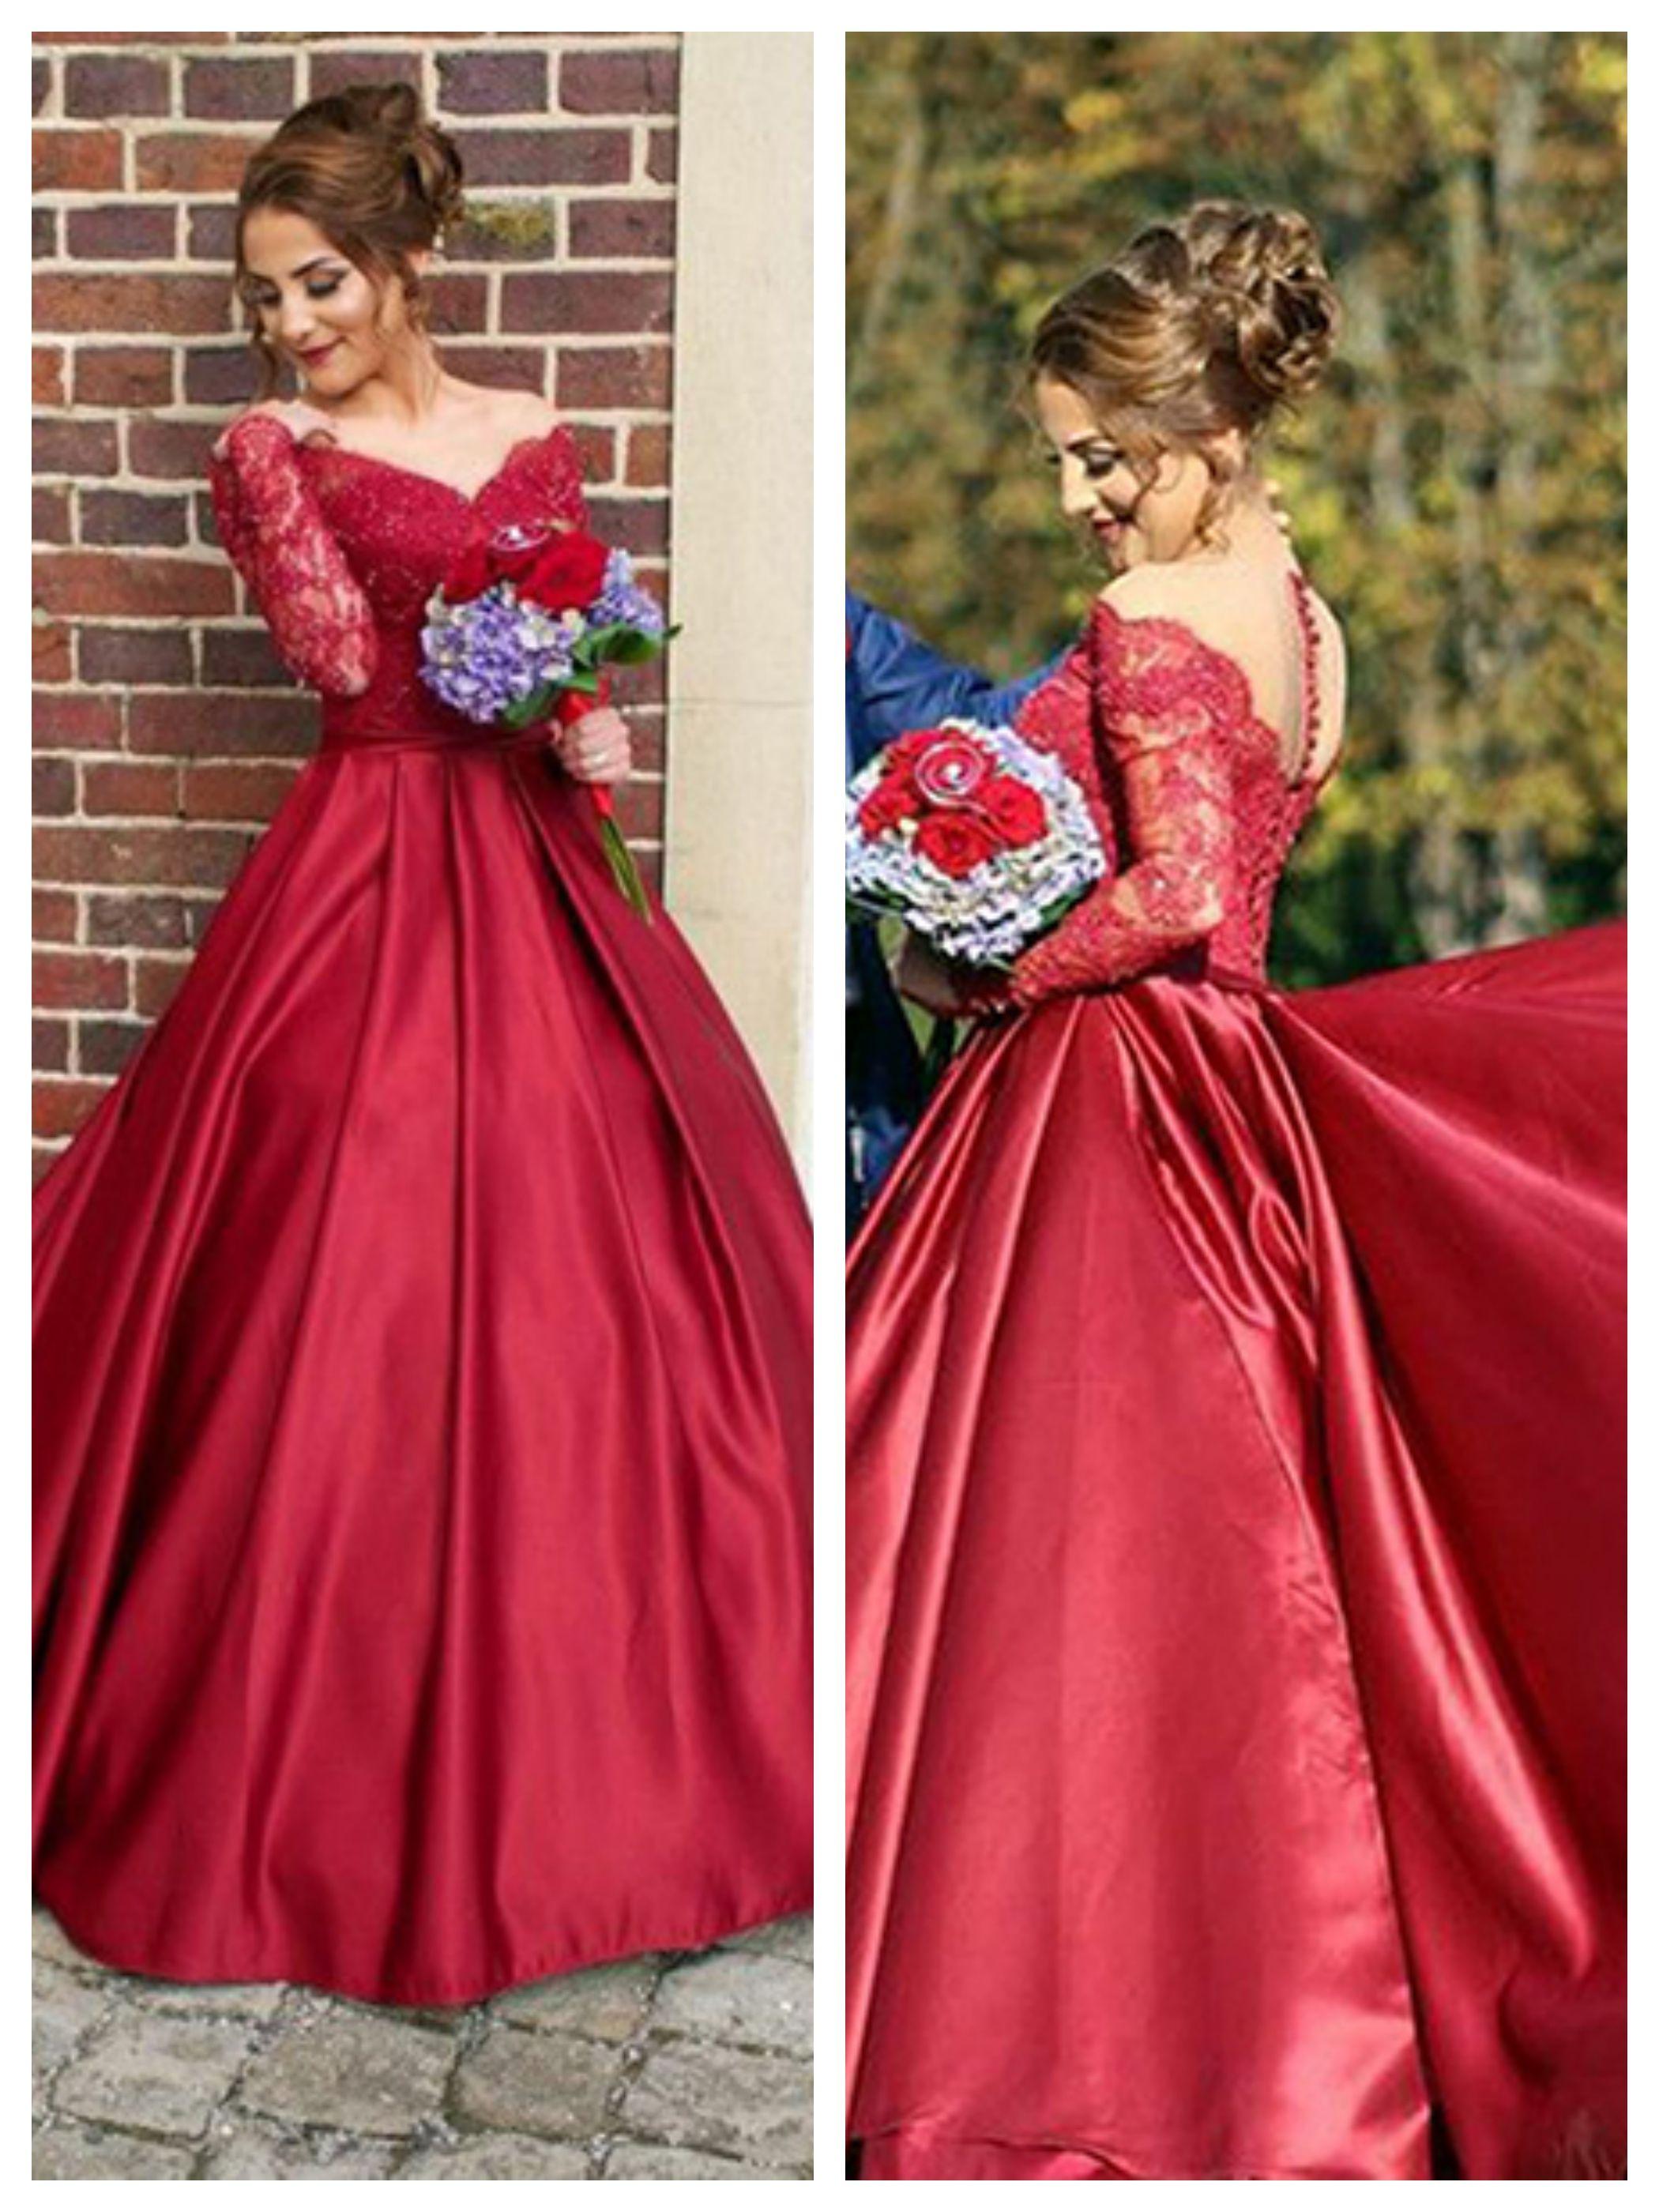 Vneck prom dressesburgundy evening dresseslace prom dresses prom